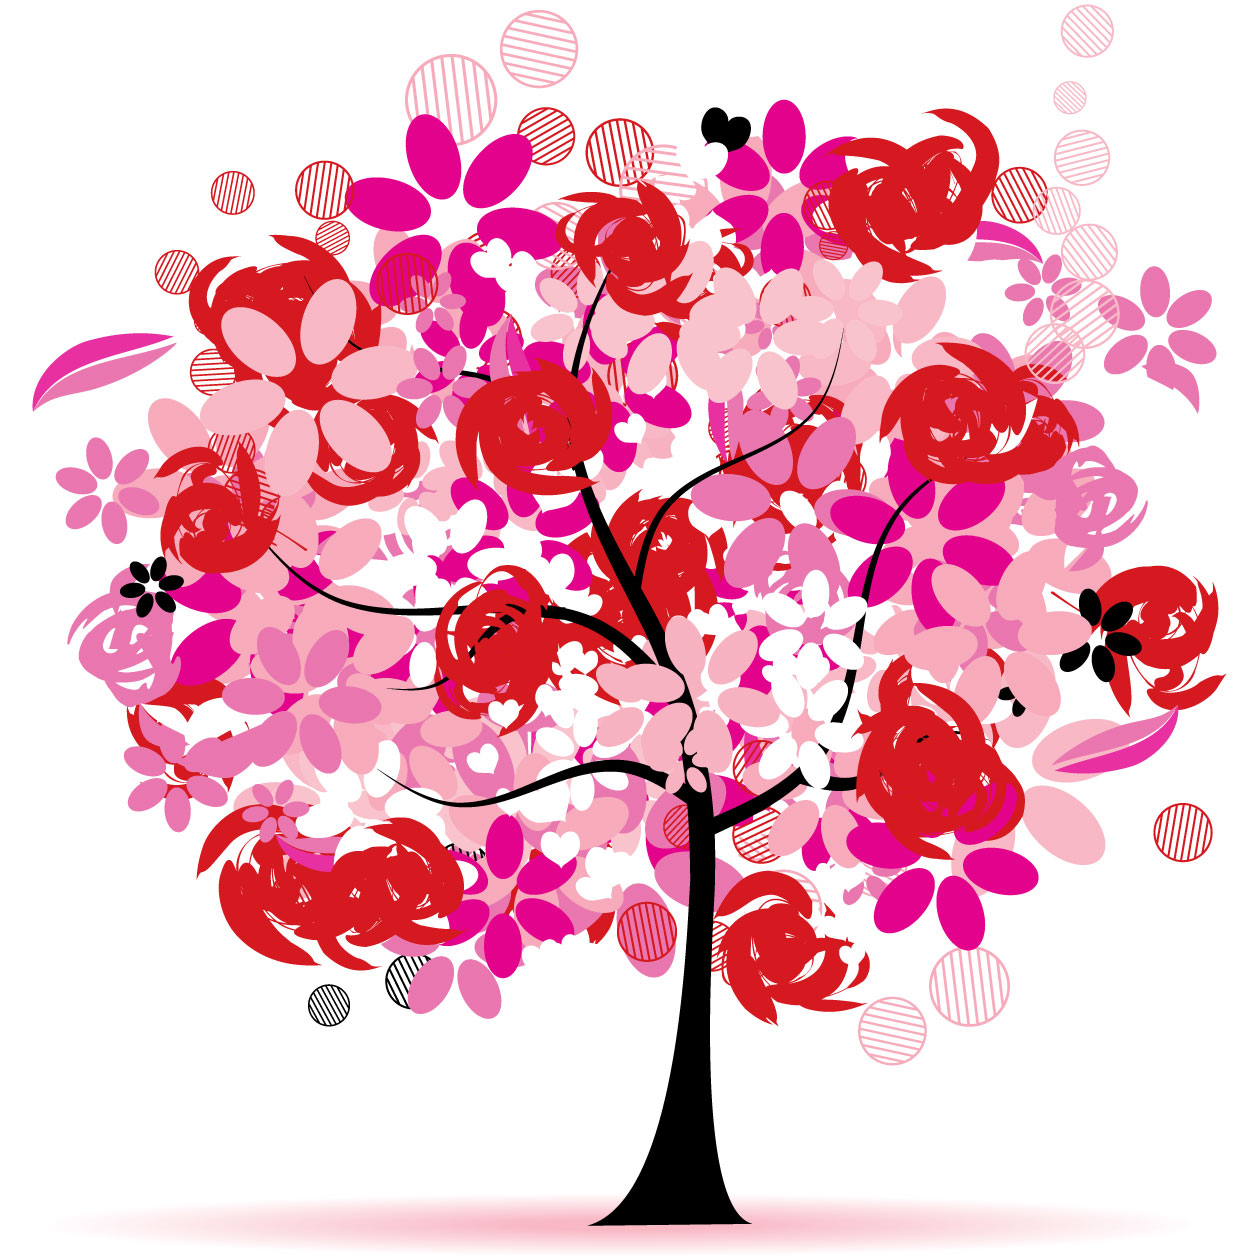 ポップでかわいい花のイラスト・フリー素材/no.259『春の樹木・赤紫